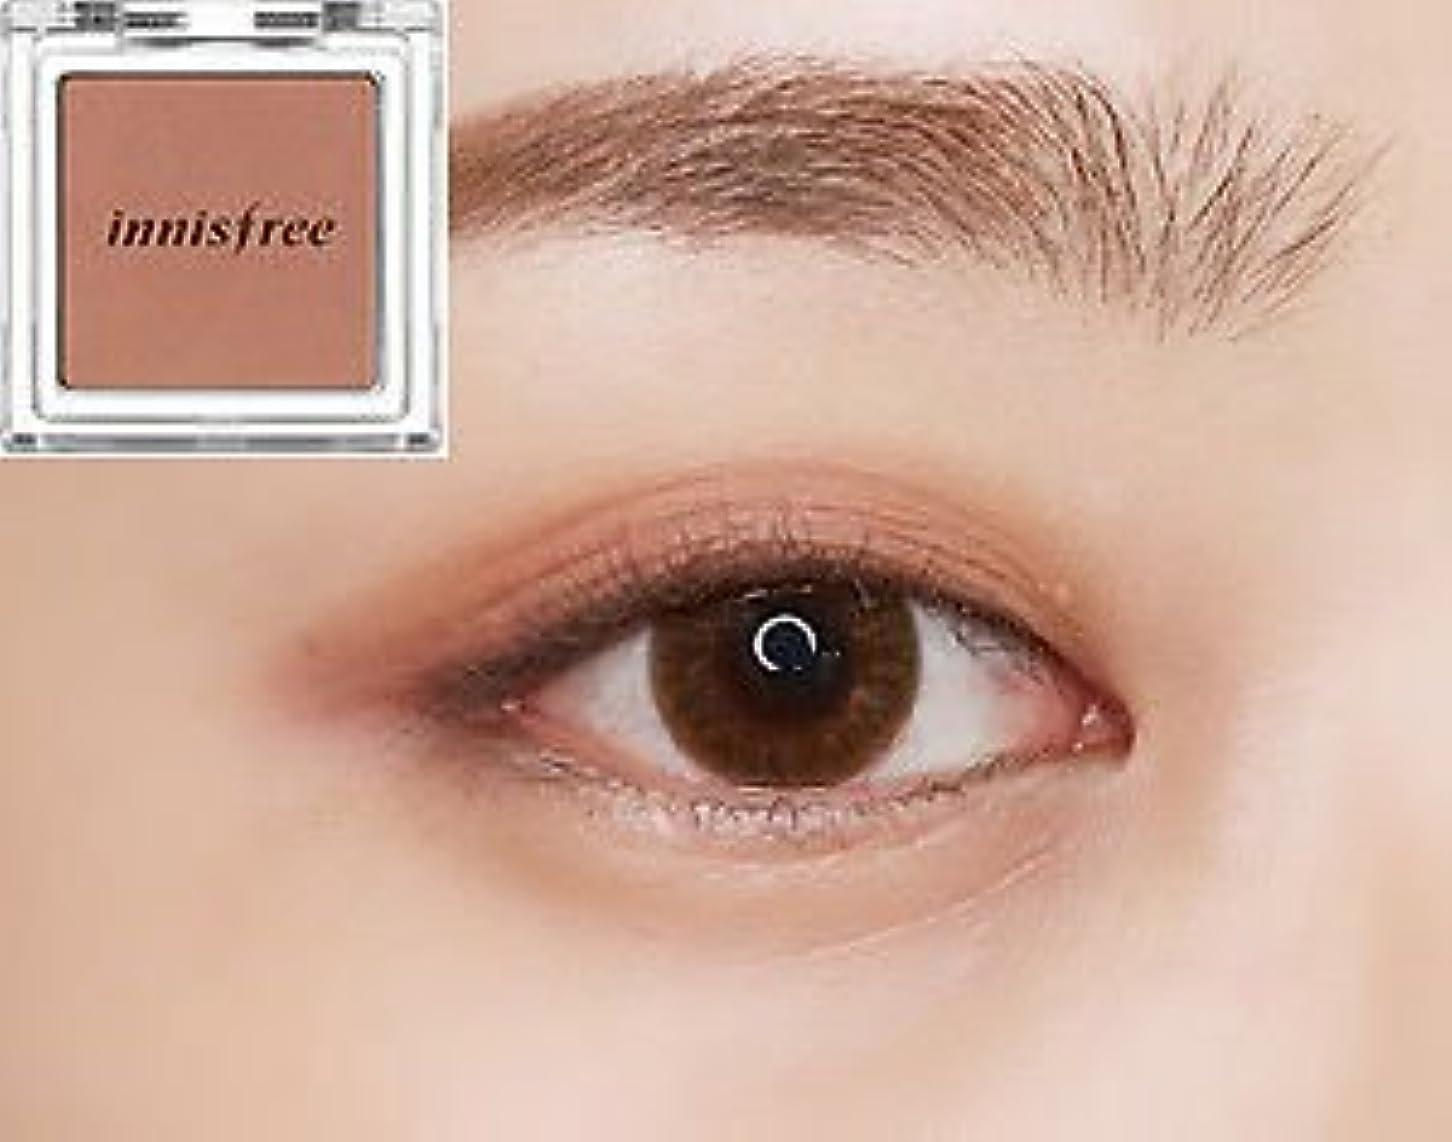 畝間立方体愛人[イニスフリー] innisfree [マイ パレット マイ アイシャドウ (マット) 40カラー] MY PALETTE My Eyeshadow (Matte) 40 Shades [海外直送品] (マット #23)